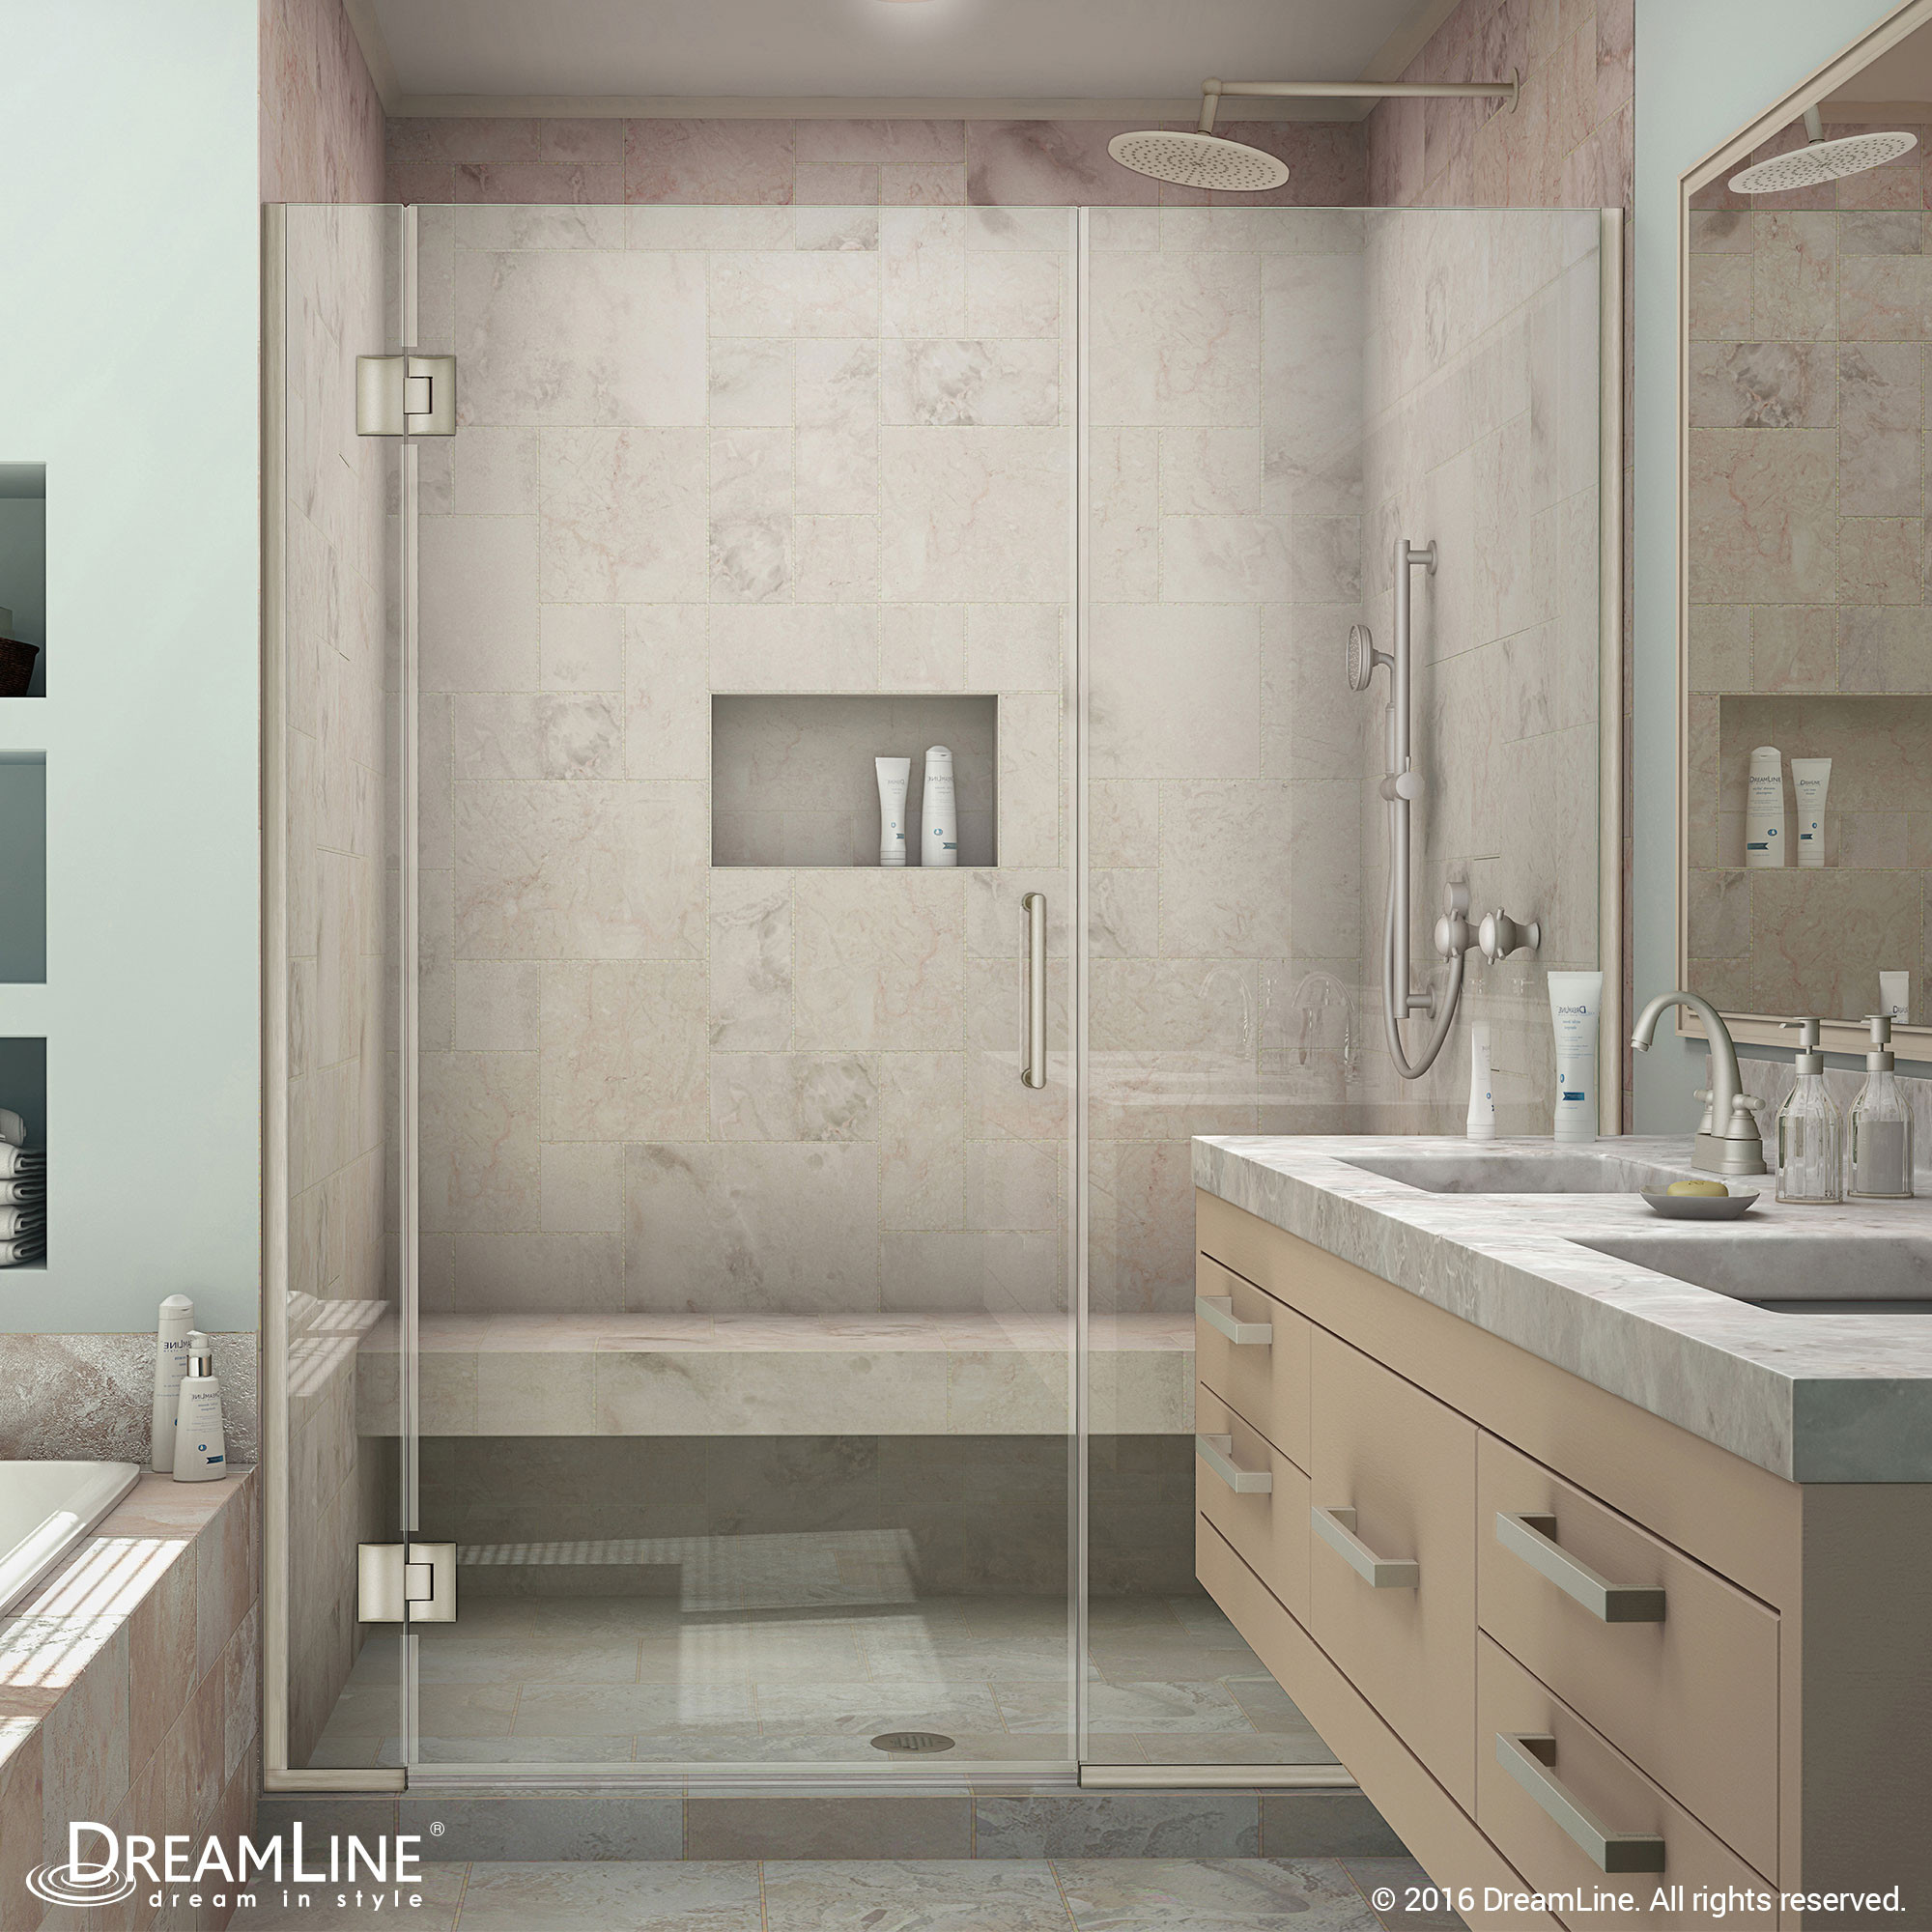 DreamLine D1261472-04 Unidoor-X 46 - 46 1/2 in. W x 72 in. H Hinged Shower Door in Brushed Nickel